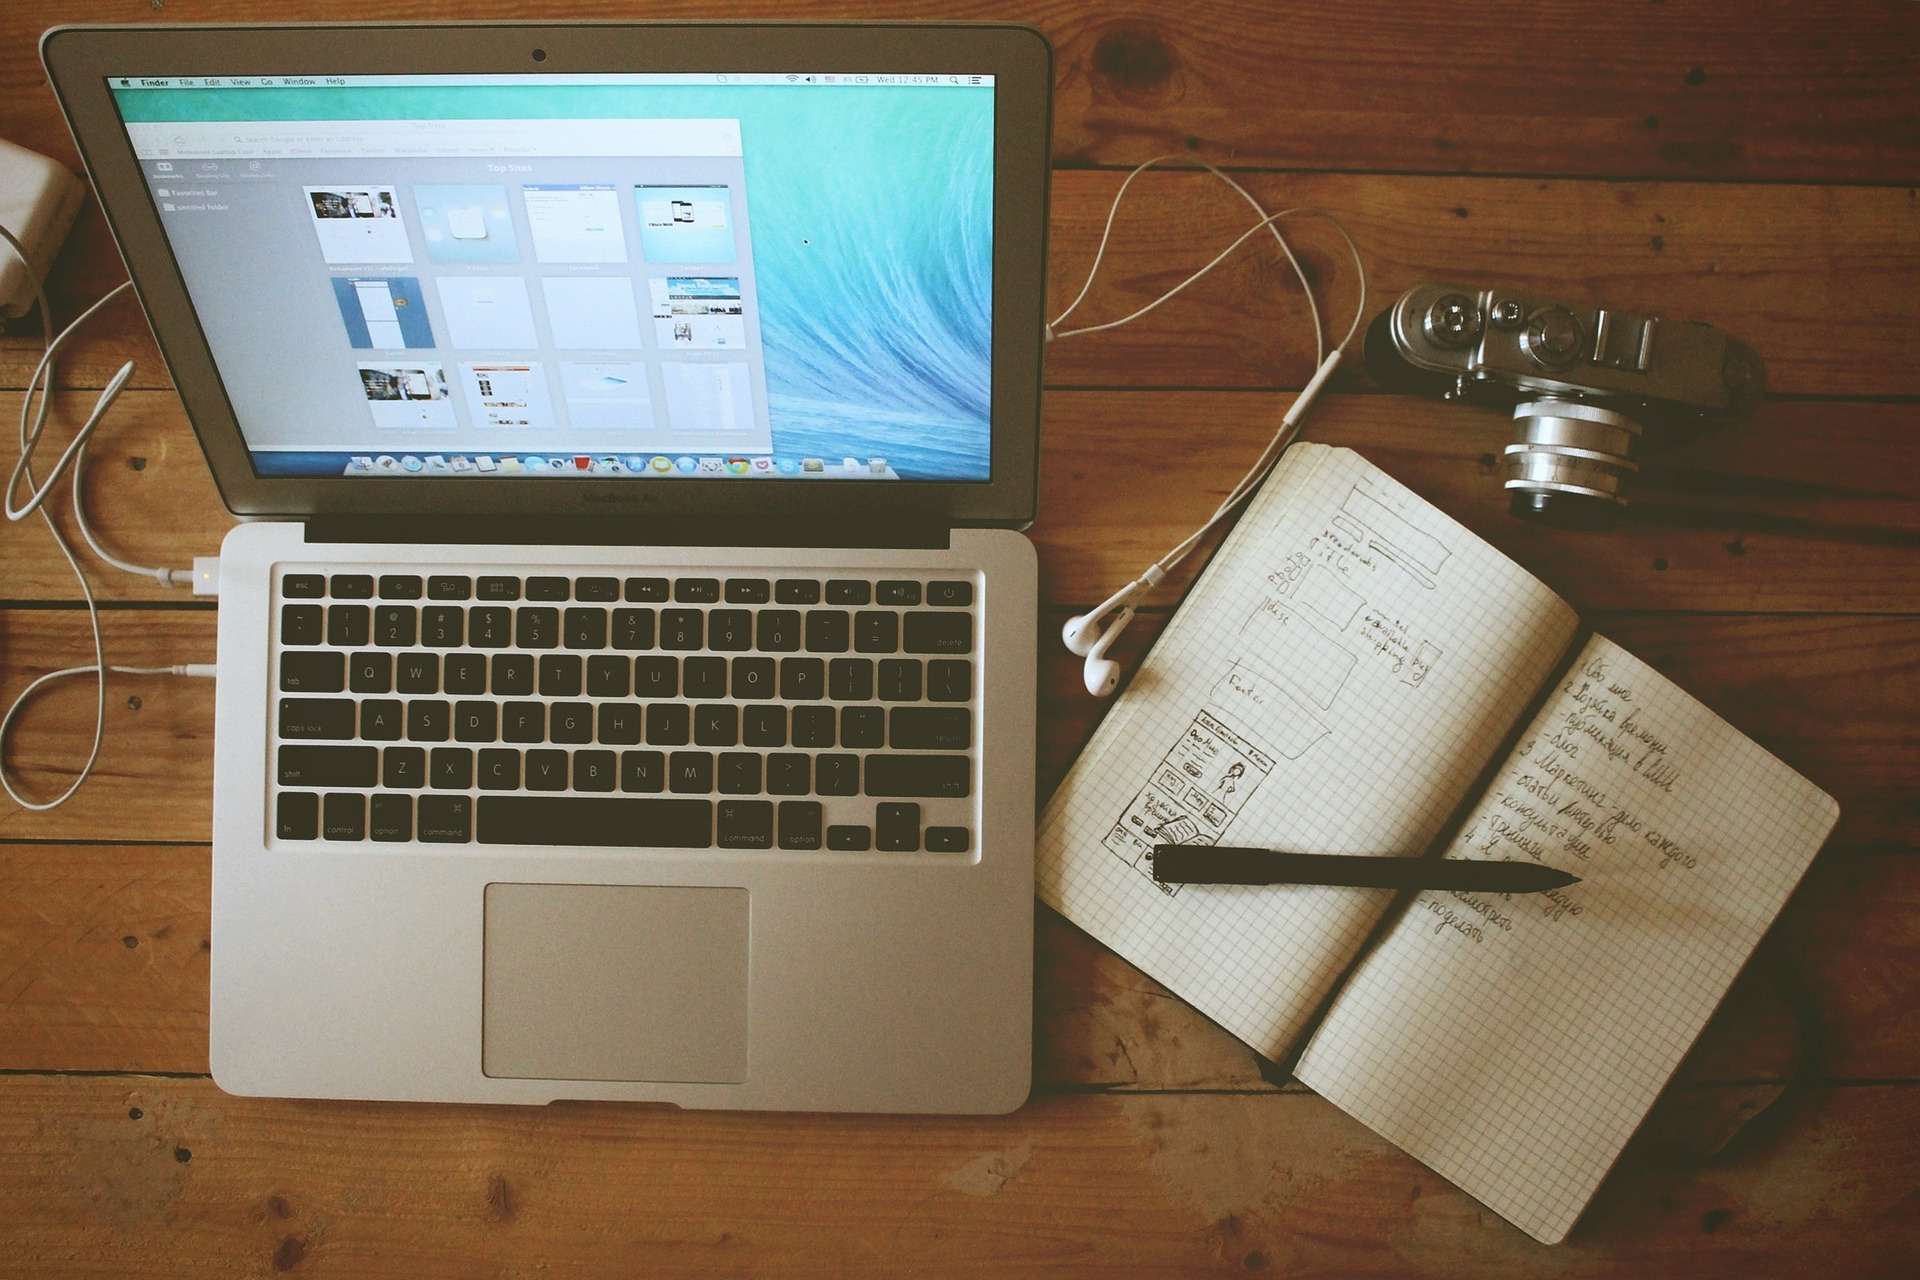 Un mac, un'agenda, una matita, una macchina fotografica poggiati su un tavolo. Tutto il necessario per un blog aziendale